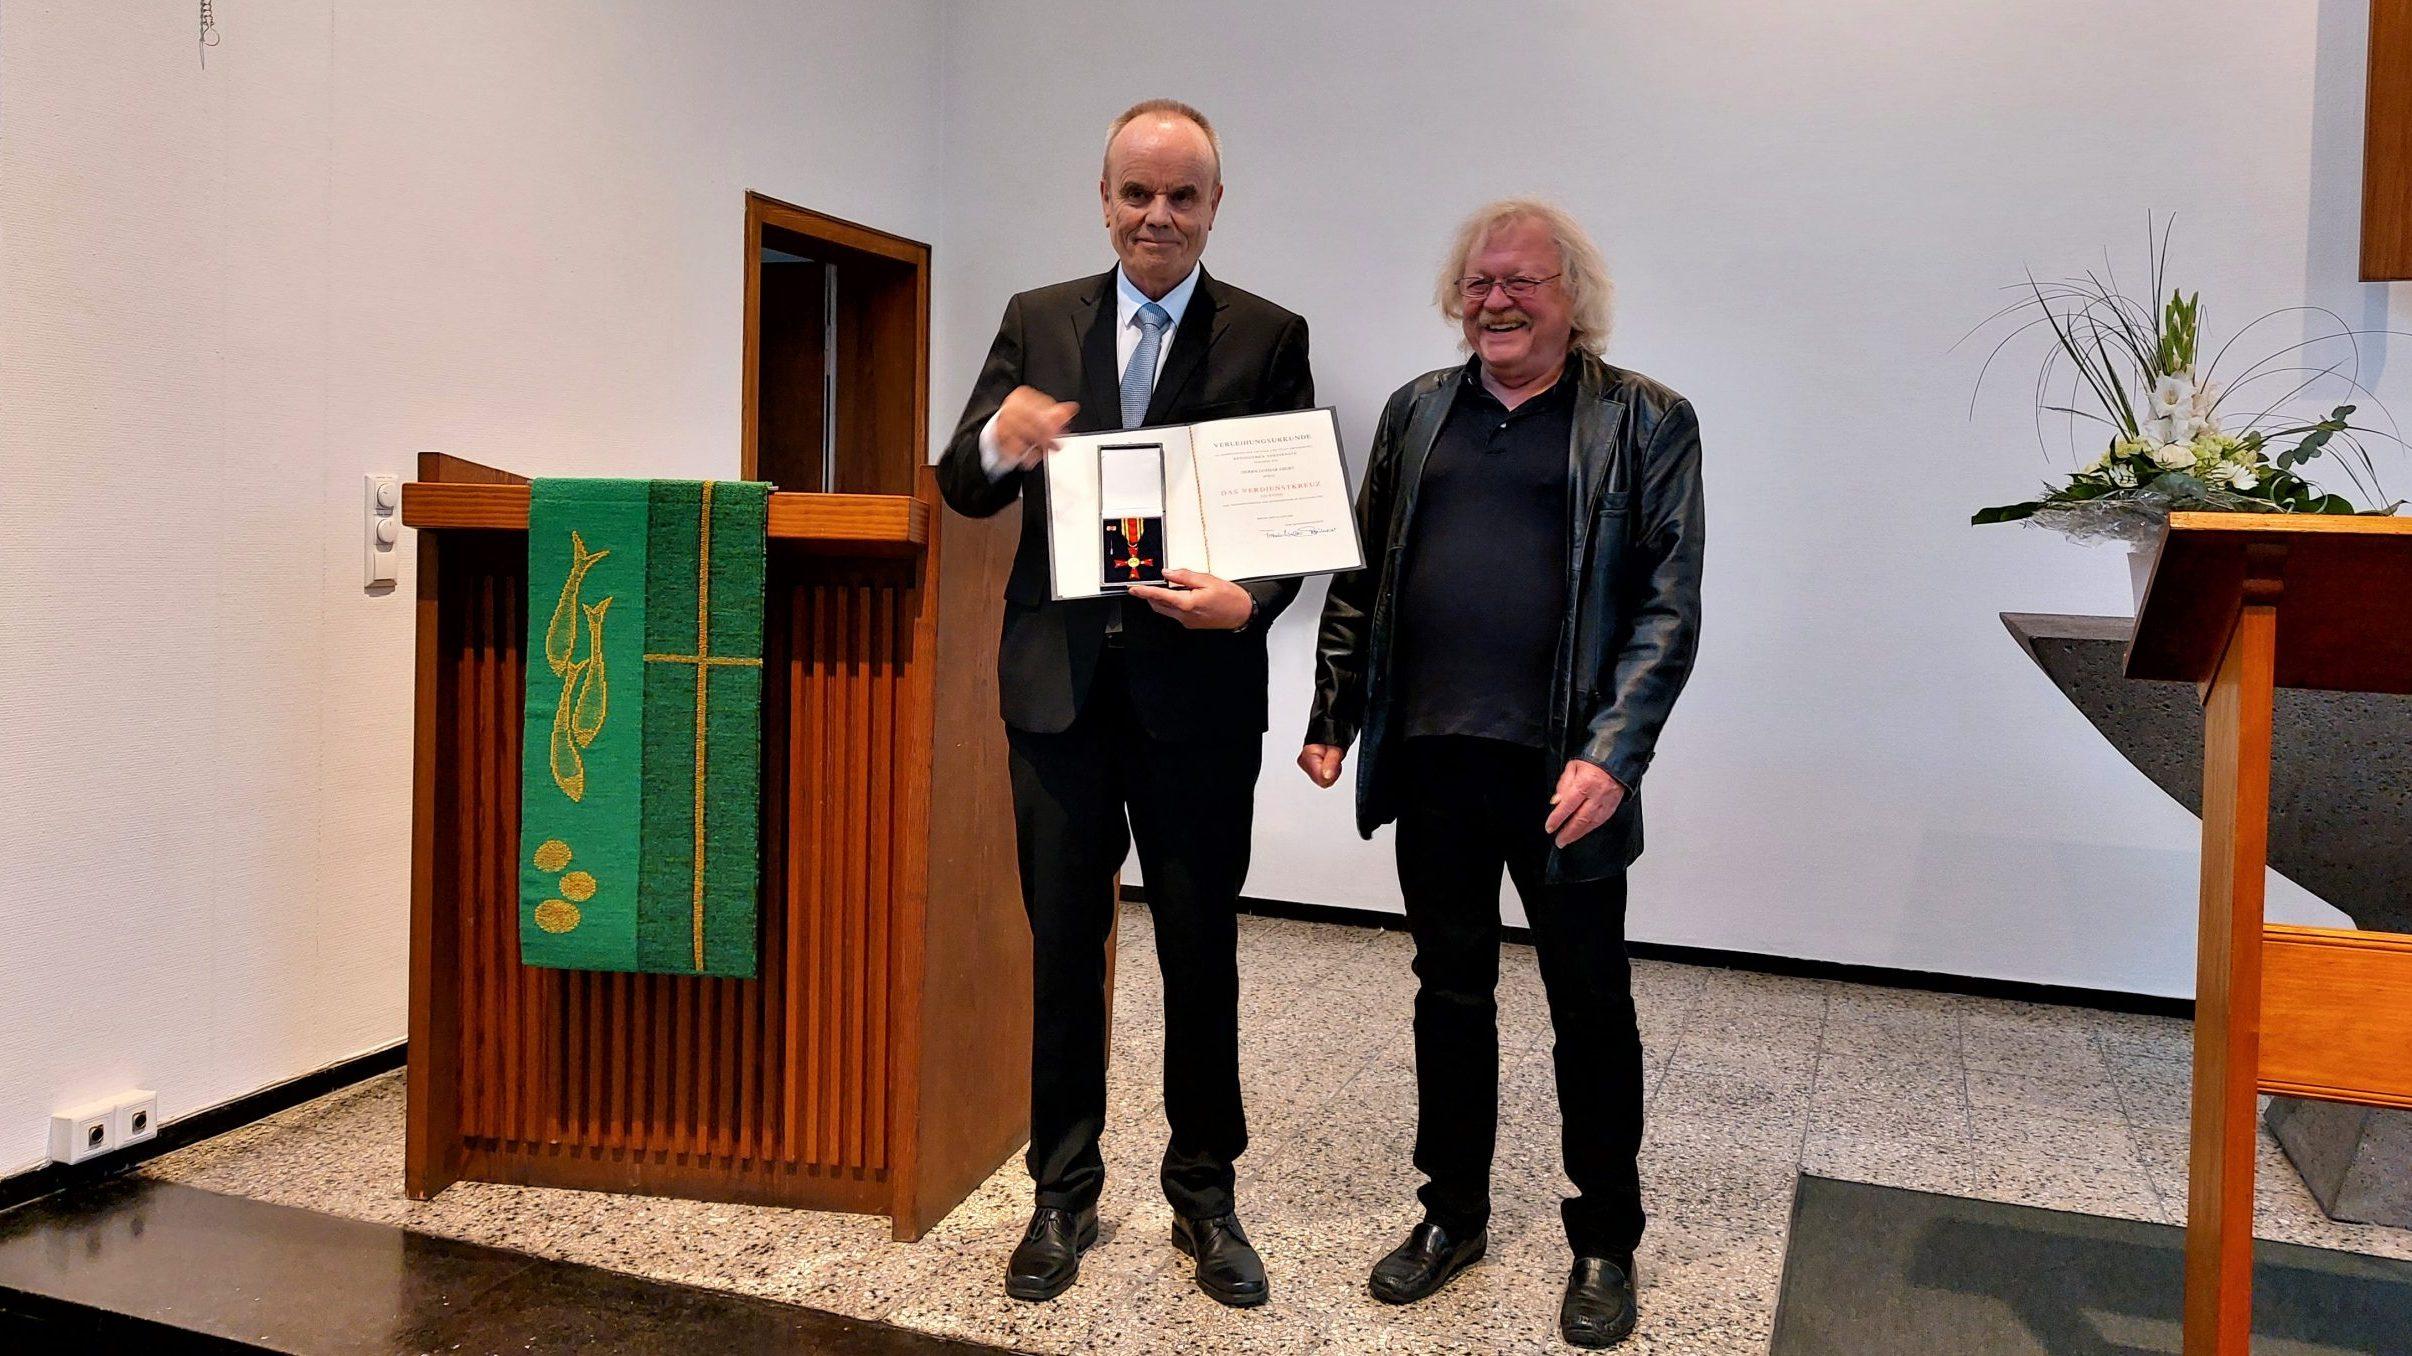 Verdienstkreuz am Bande für Lothar Ebert Bundespräsident ehrt Finanzkirchmeister für sein langjähriges Engagement in der Gemeinde, im Kirchenkreis und Verband